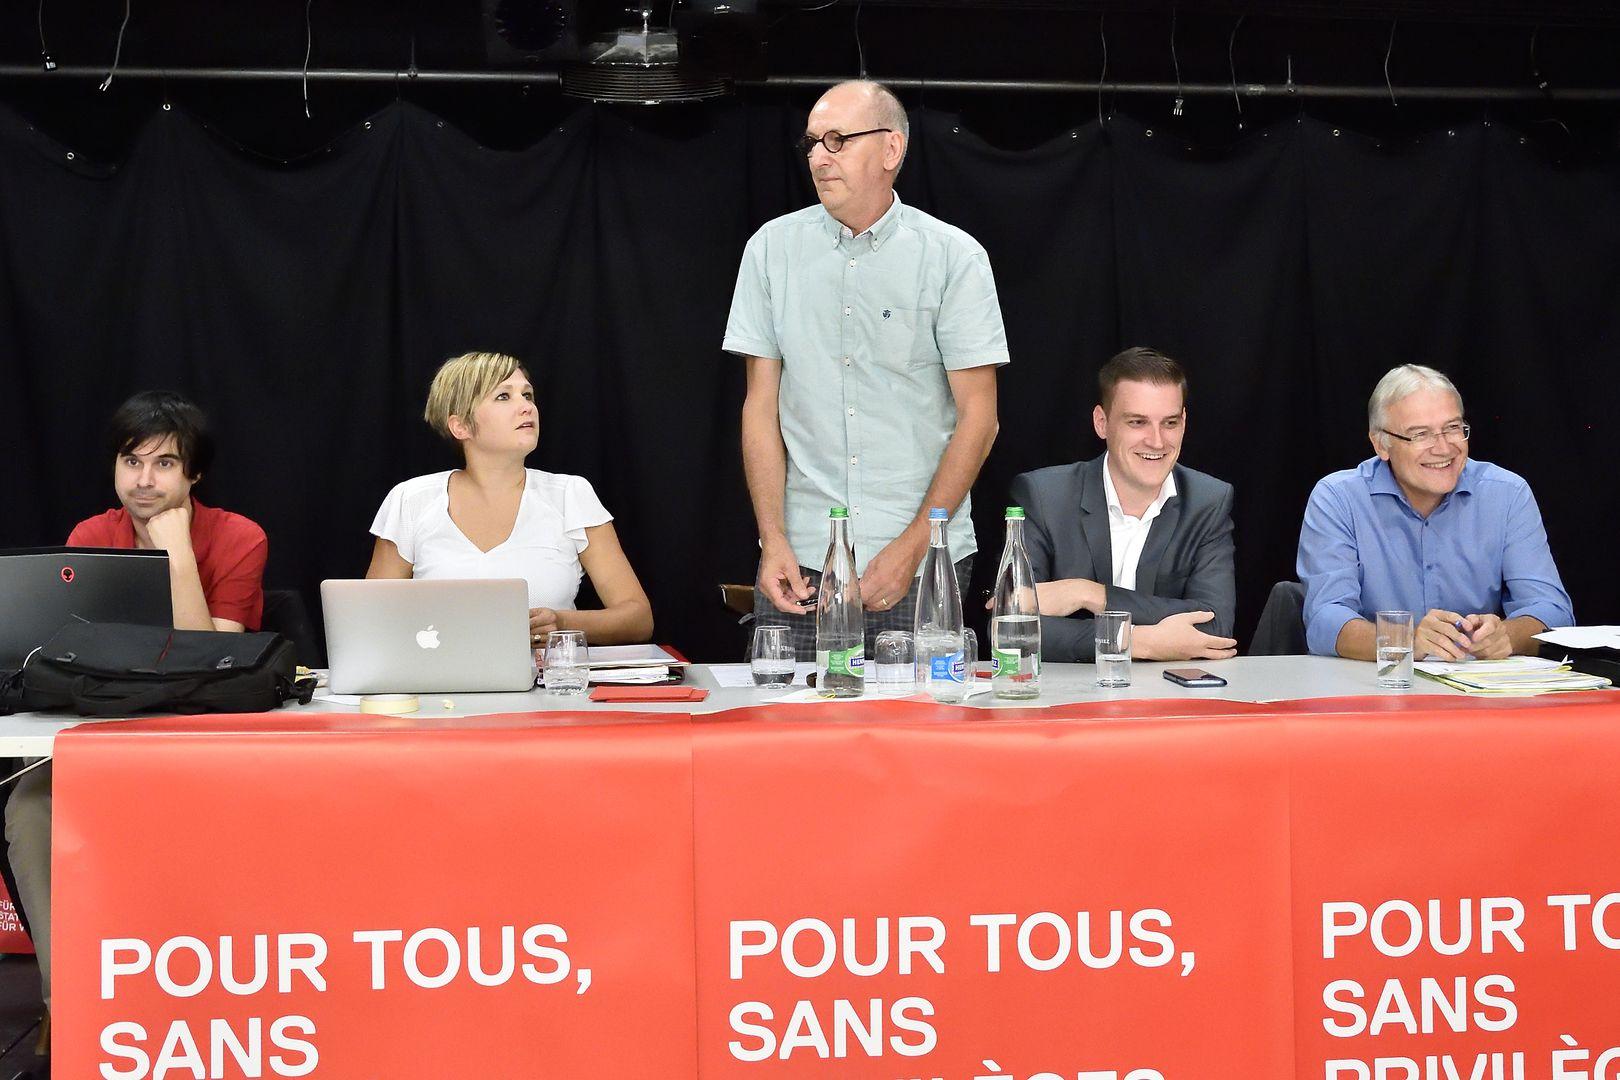 Congrès du 30 août 2017 à Saignelégier (copyright: PSJ) Photos de Georges Henz